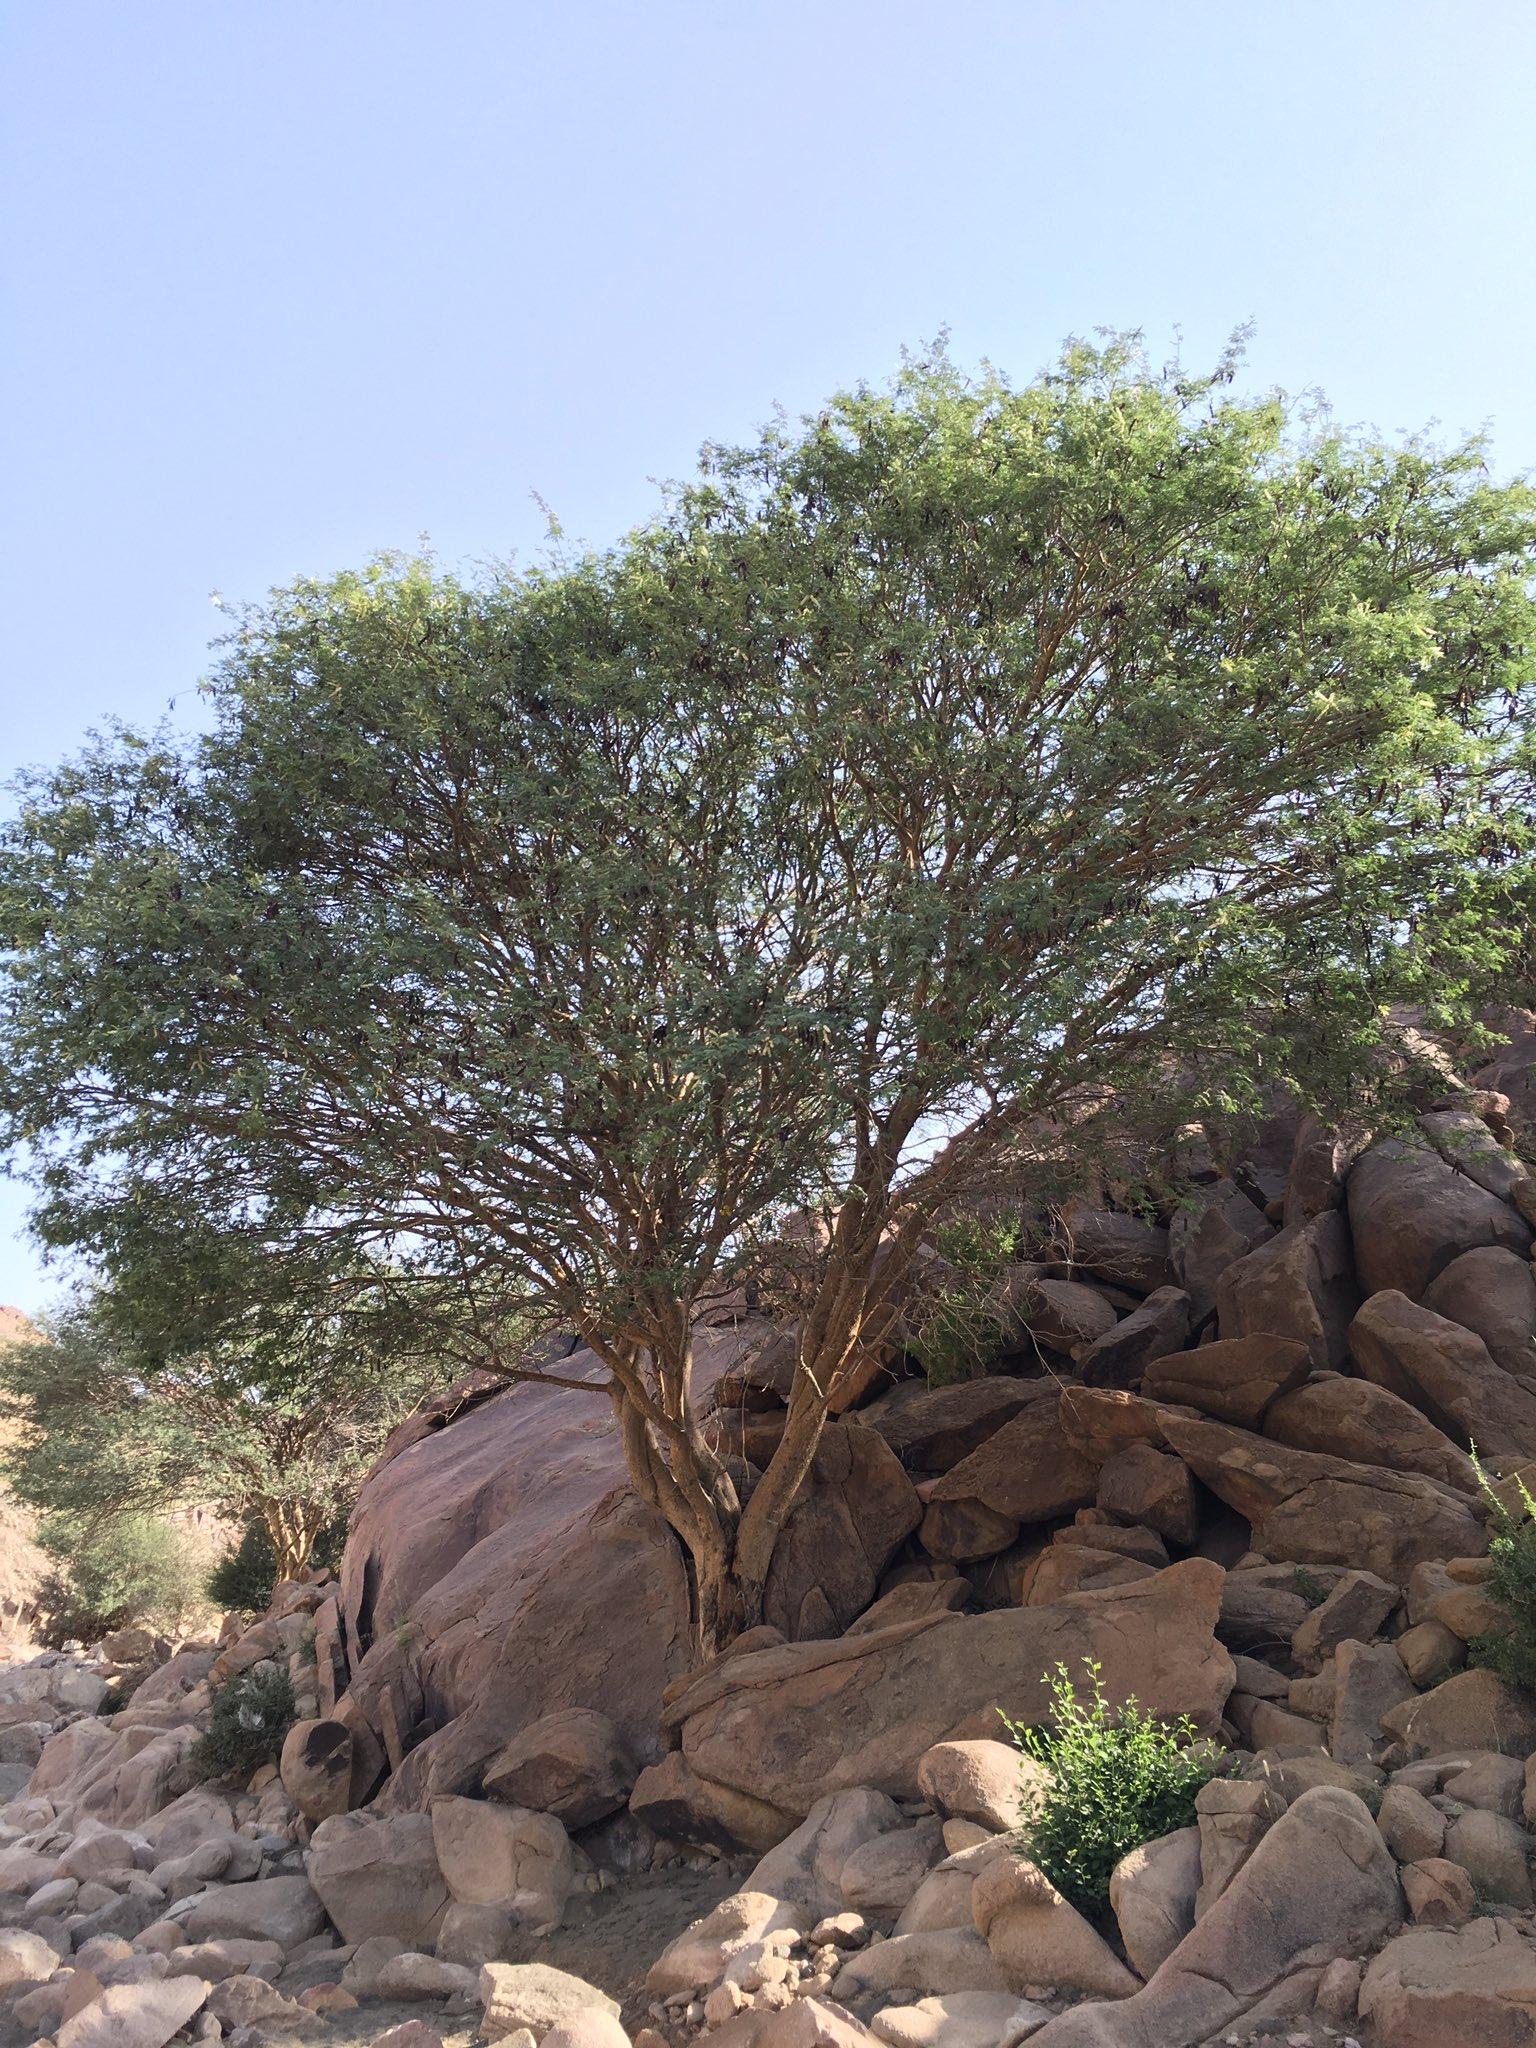 نباتات الطائف البرية Di Twitter الضهيان الضهياء شجره وزهره وثمره و بذوره